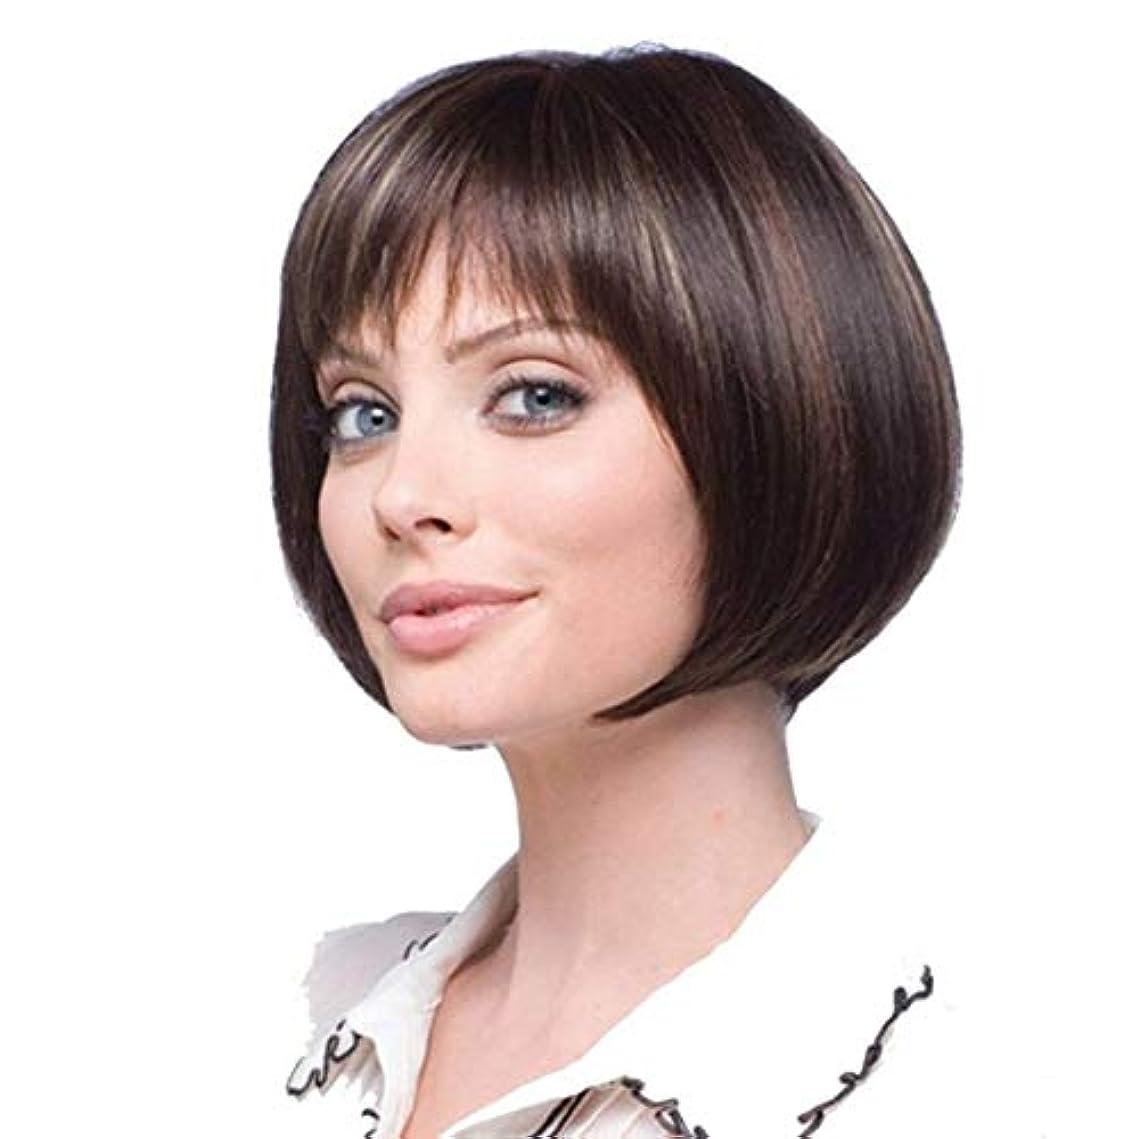 尊敬征服通路Summerys ショートボブの髪ウィッグストレート前髪付き合成カラフルなコスプレデイリーパーティーウィッグ本物の髪として自然な女性のための